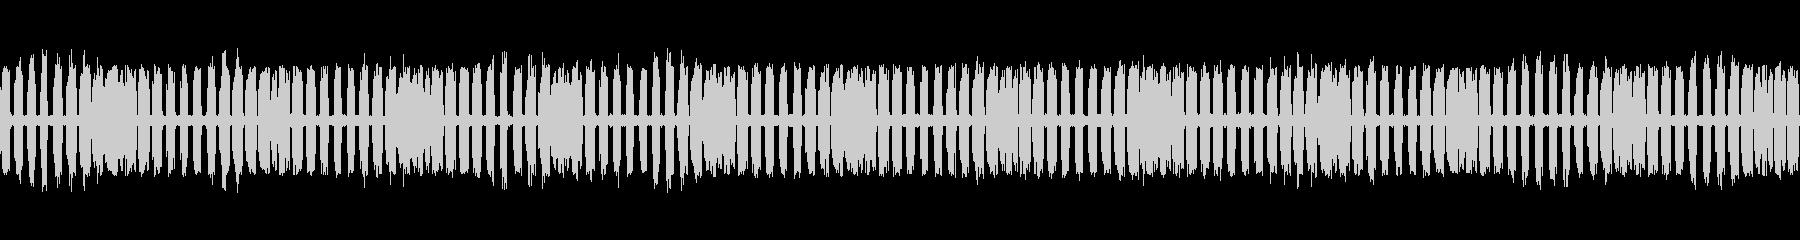 【生録音】秋の虫たちが鳴く音4 ループの未再生の波形